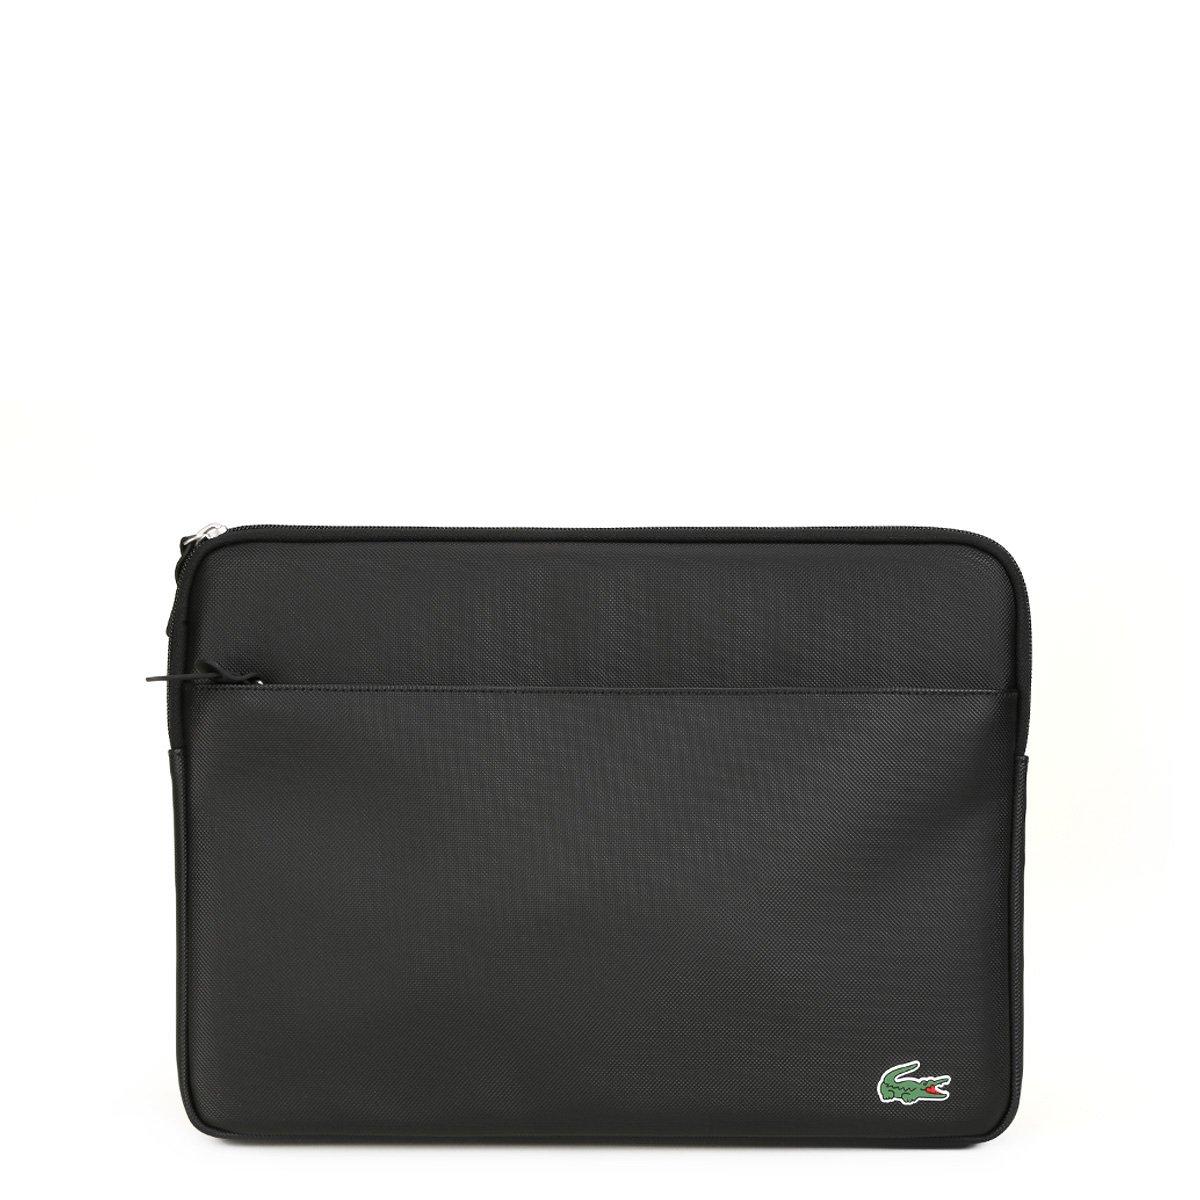 9d15483aa7 Bolsa Lacoste Pasta Notebook - Compre Agora